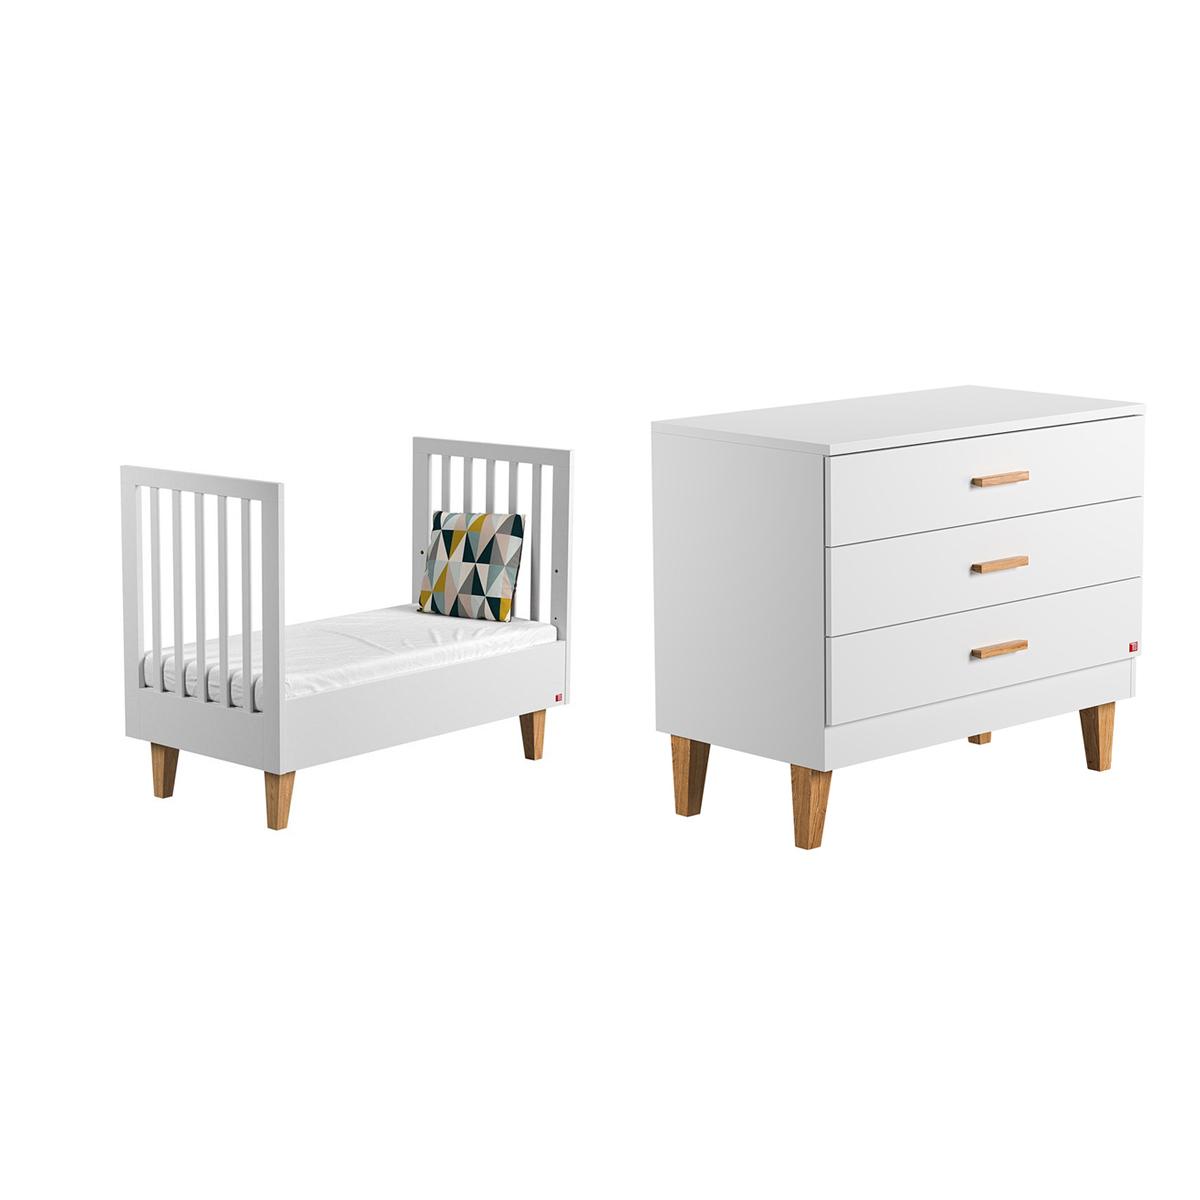 lit volutif 70x140 et commode langer vox lounge blanc. Black Bedroom Furniture Sets. Home Design Ideas